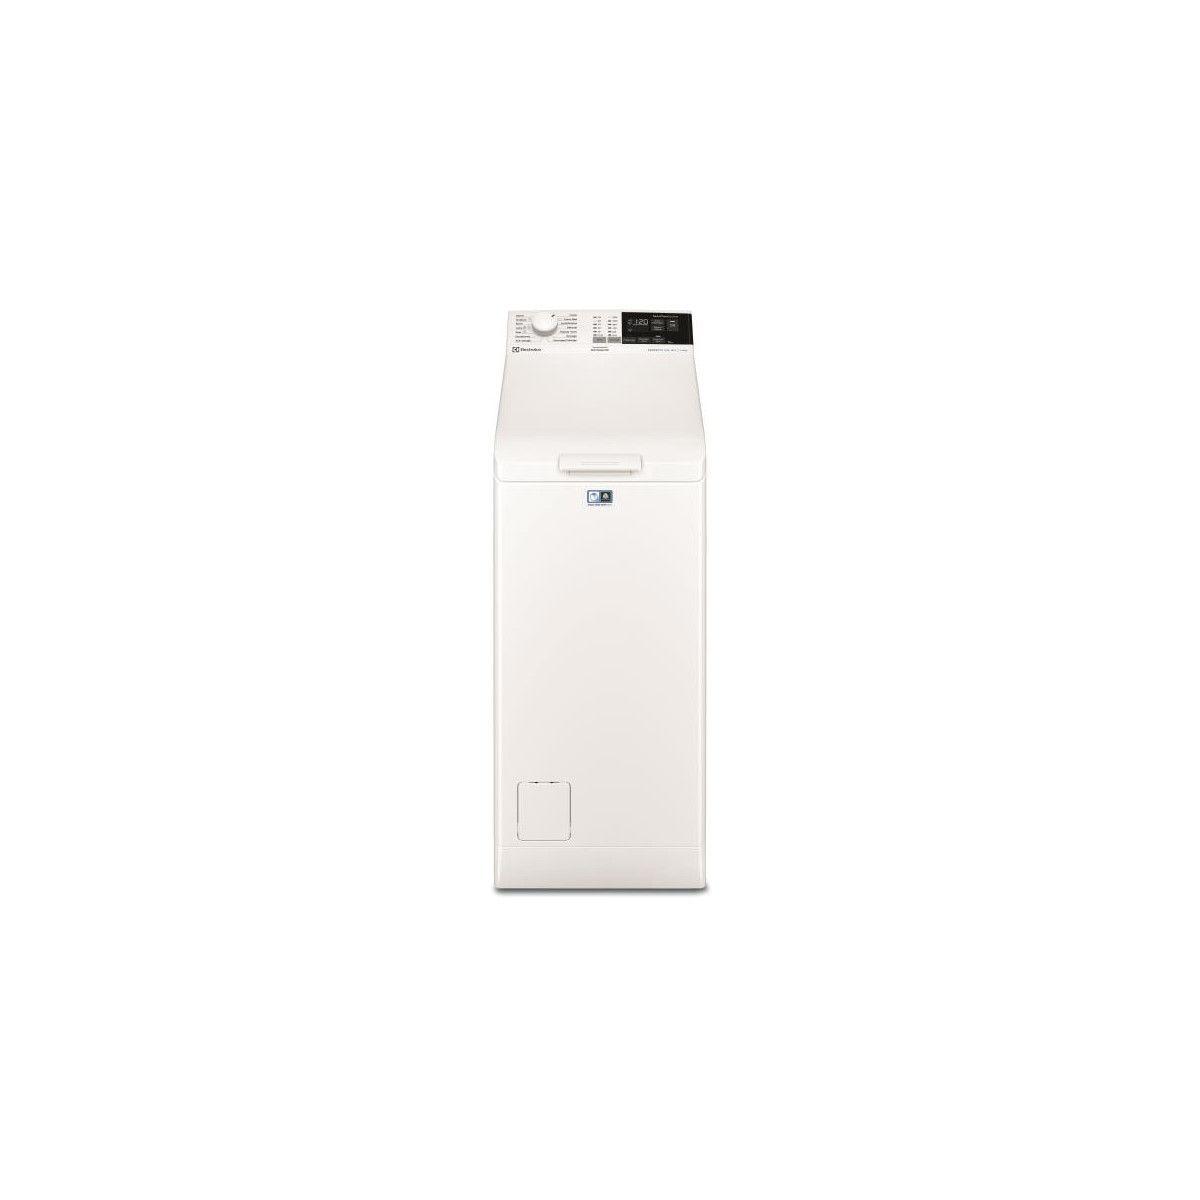 Lave-linge Top - Perfectcare 600 - Système Sensicare - Capacité Maxi Du - Ew6t3366az